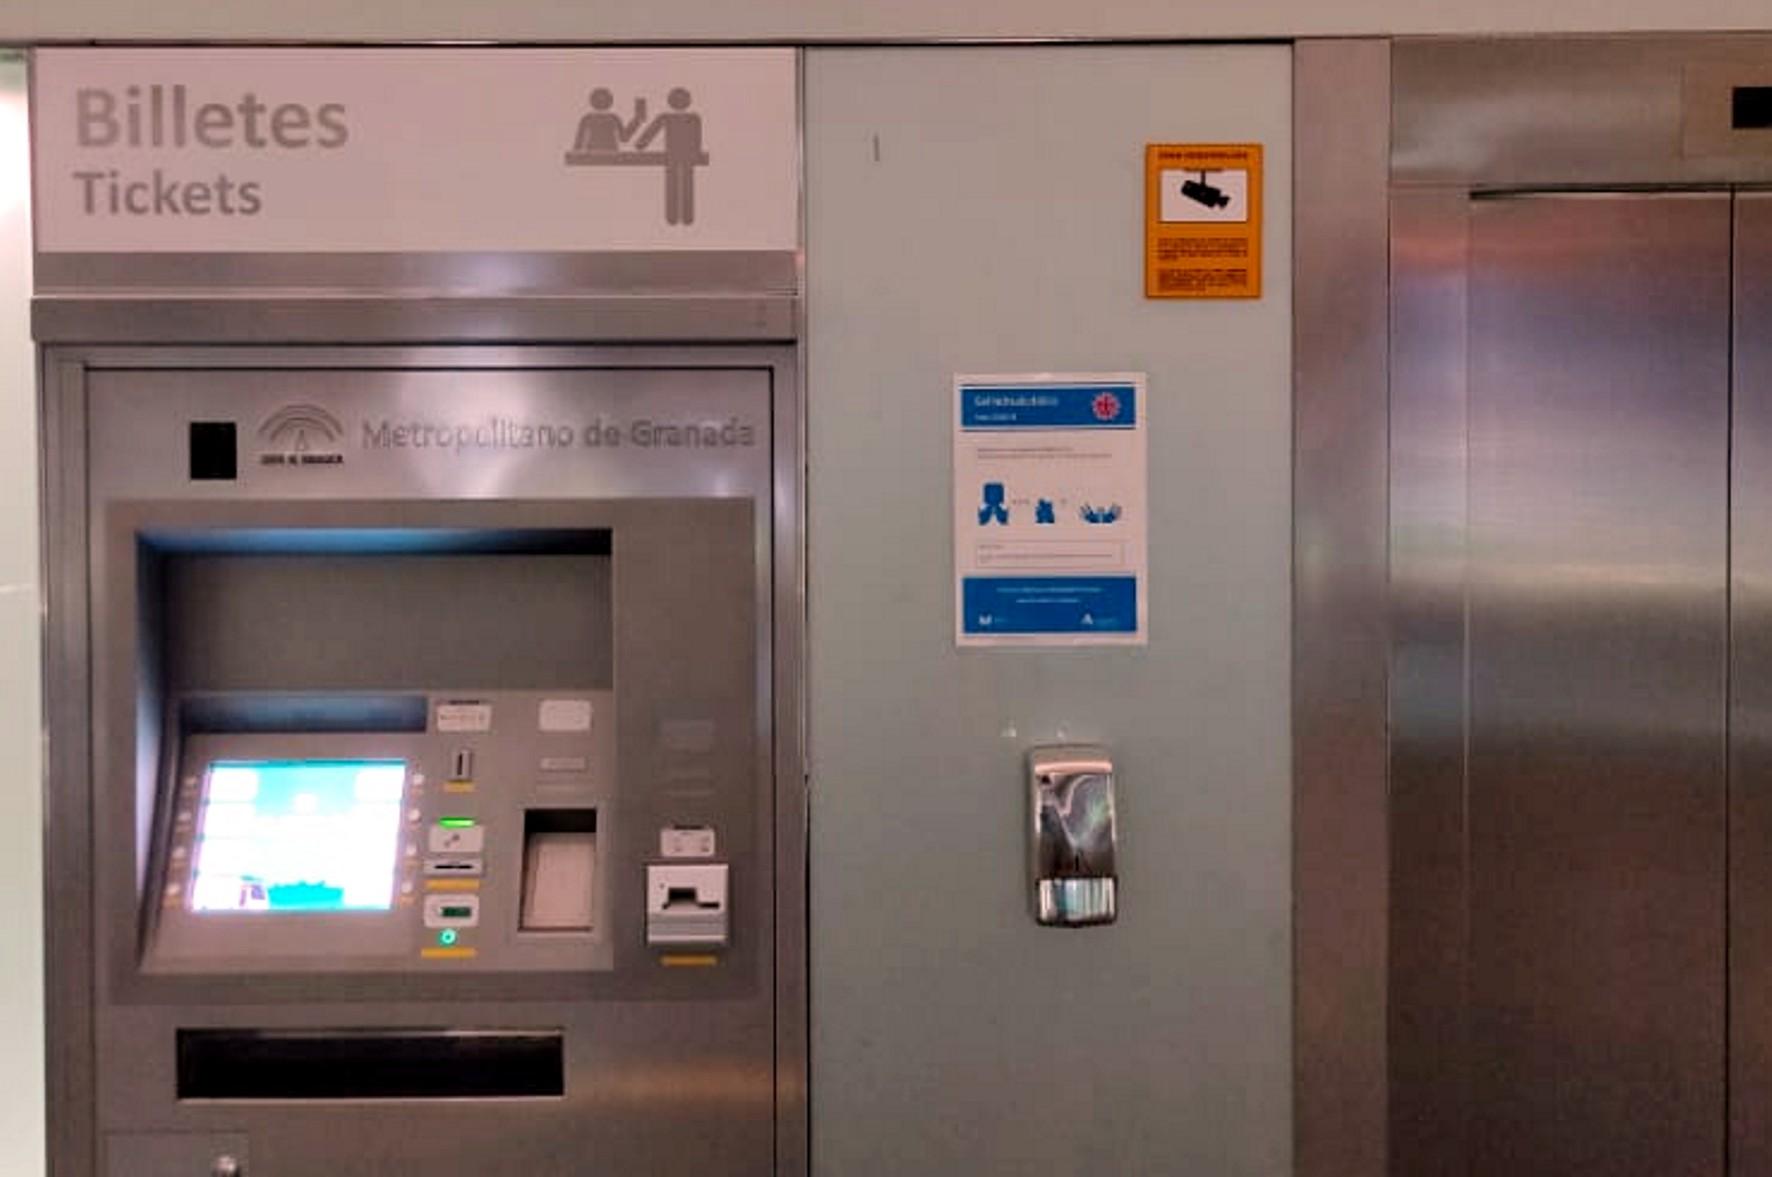 El Metro refuerza la señalización en estaciones y trenes para mejorar la seguridad de los viajeros